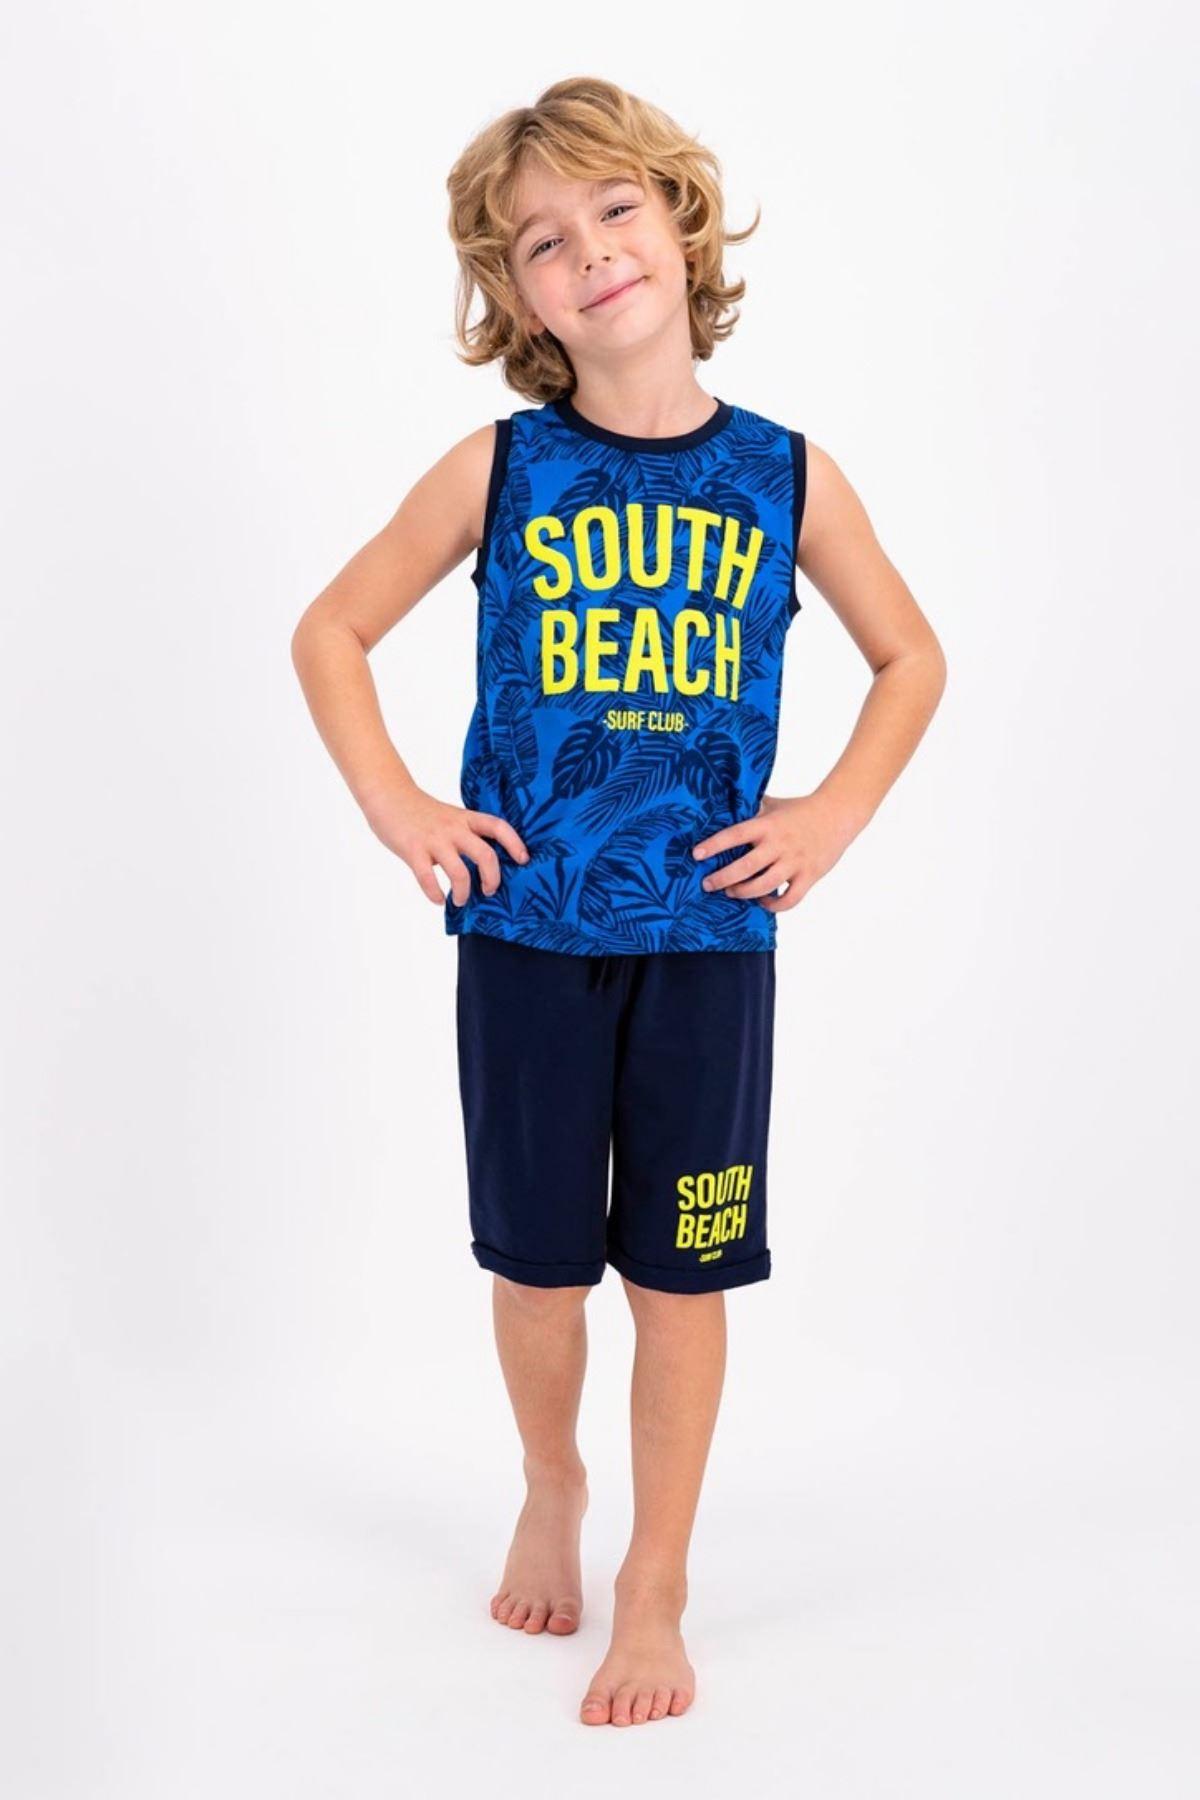 9-15 Yaş South Beach Erkek Çocuk Takım - Laci